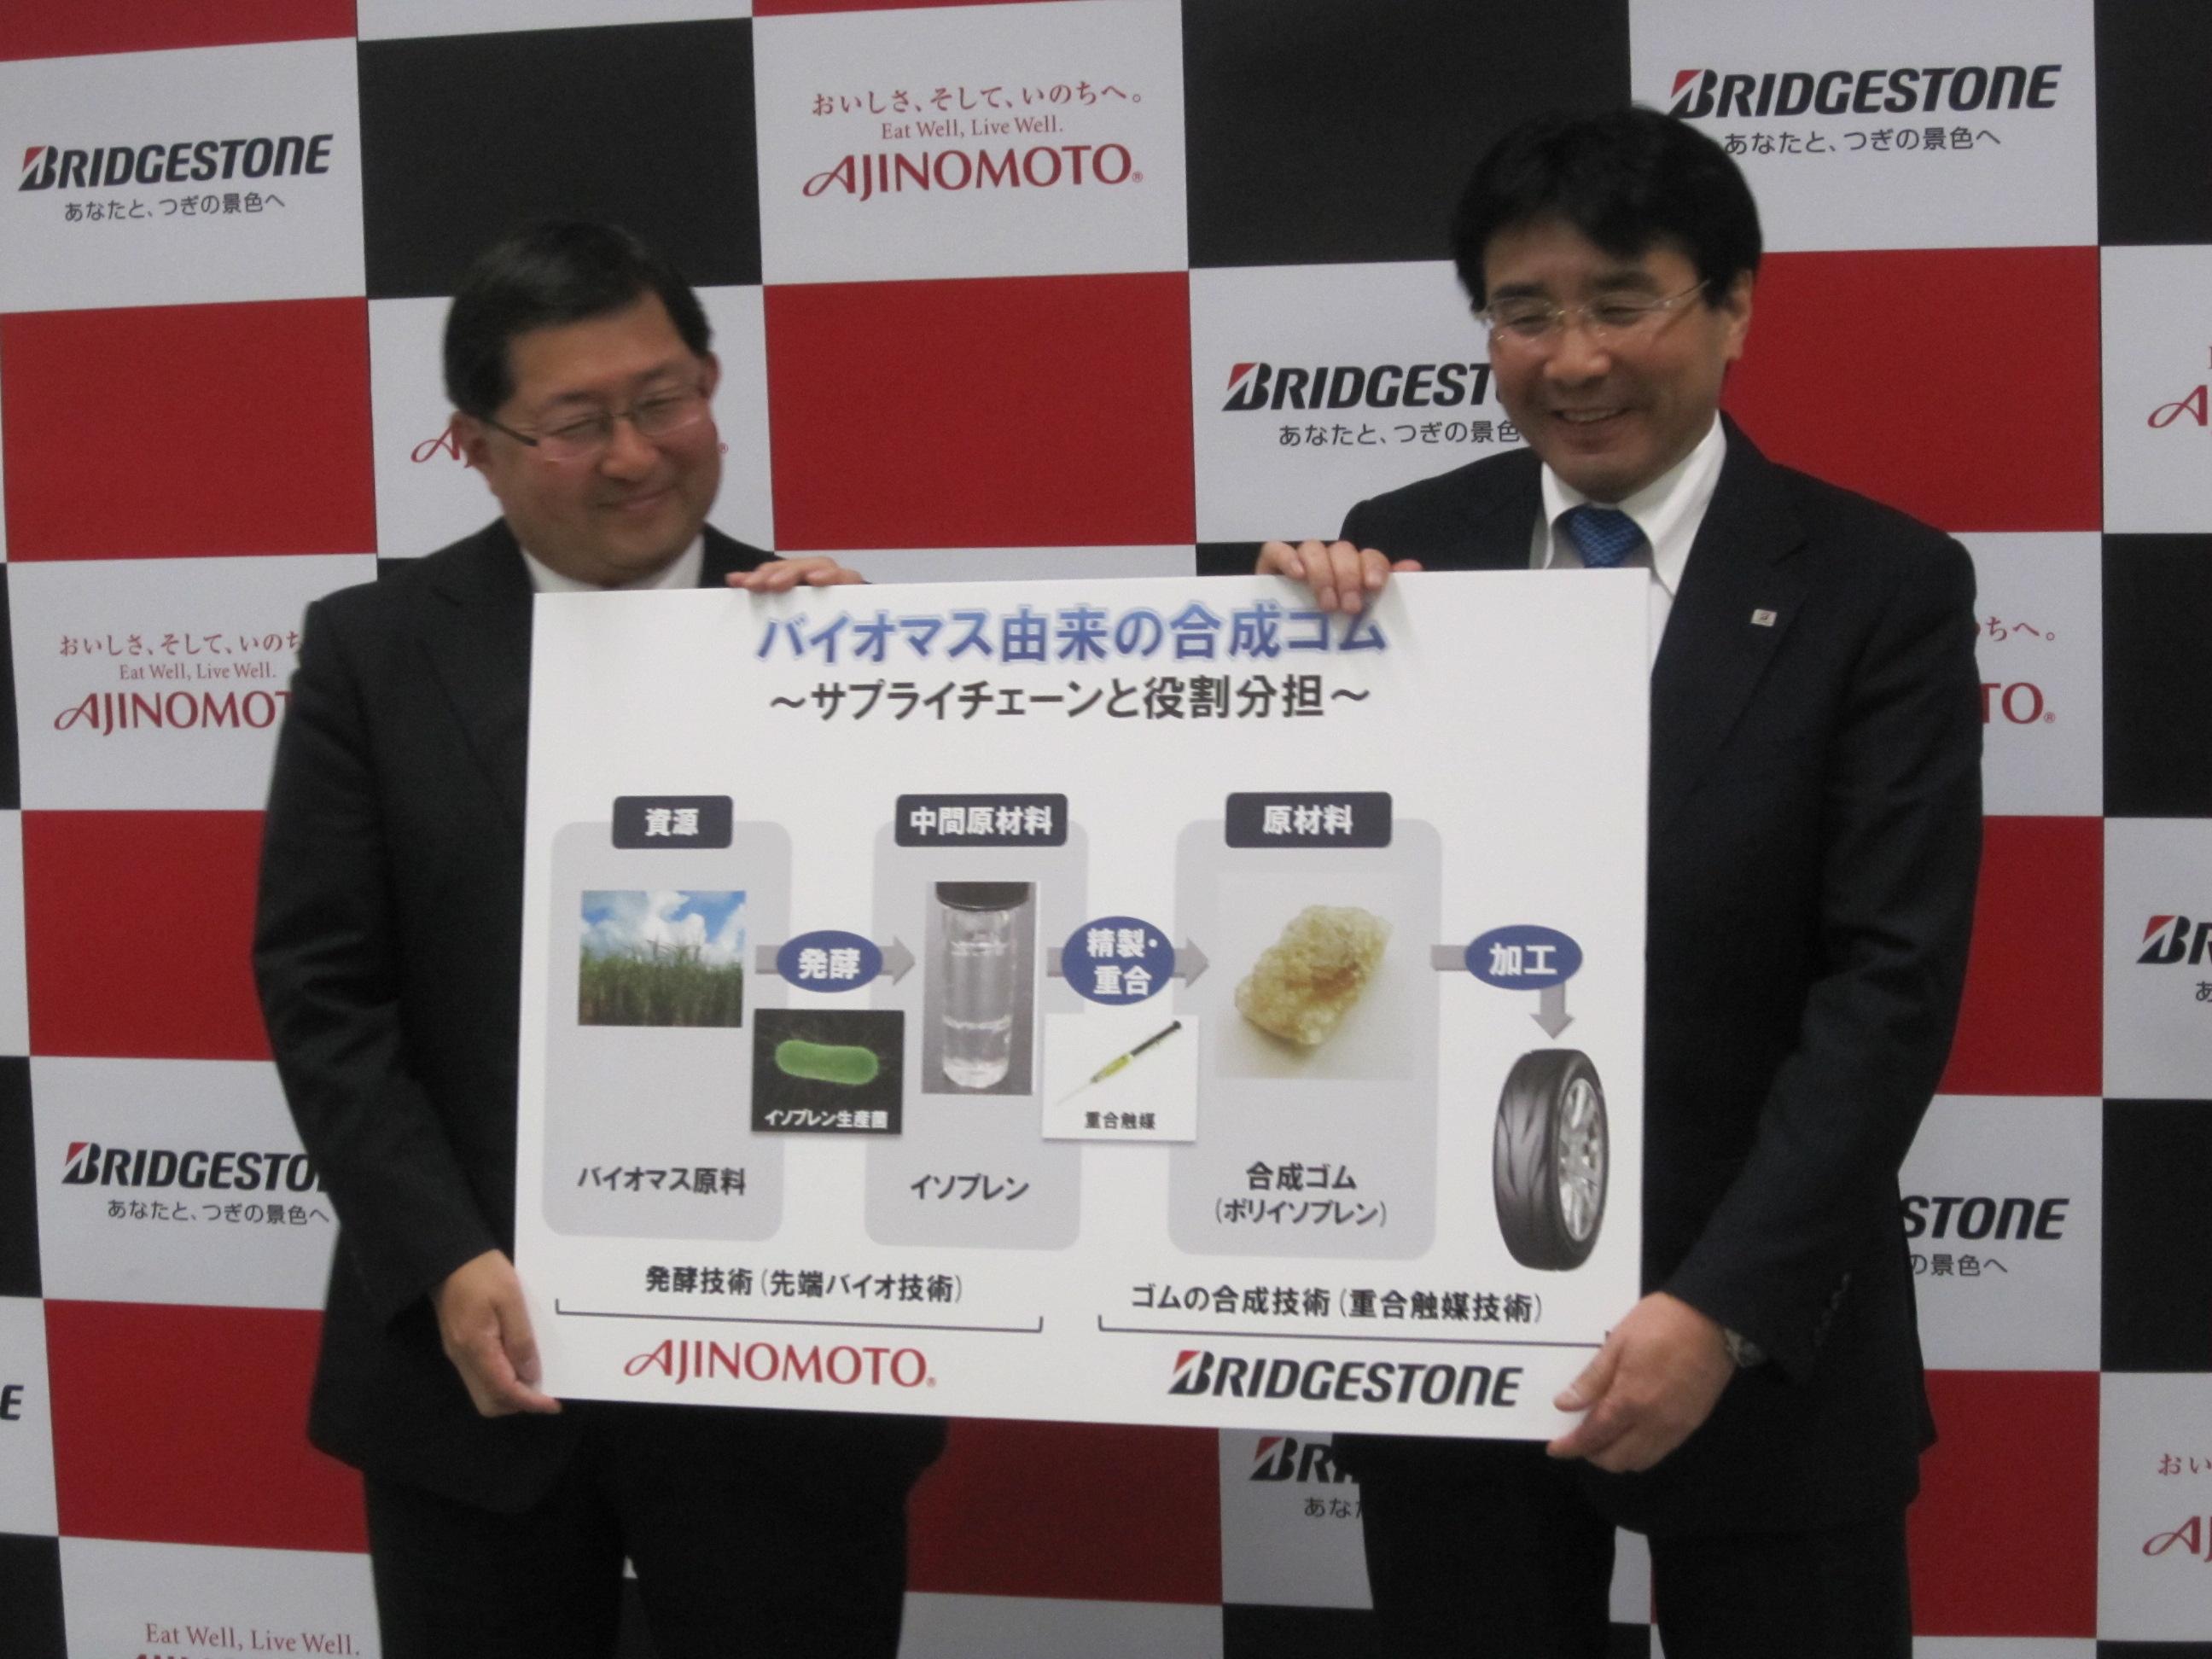 味の素執行役員木村毅氏(左)、ブリヂストン執行役員タイヤ基礎開発担当濱田達郎氏